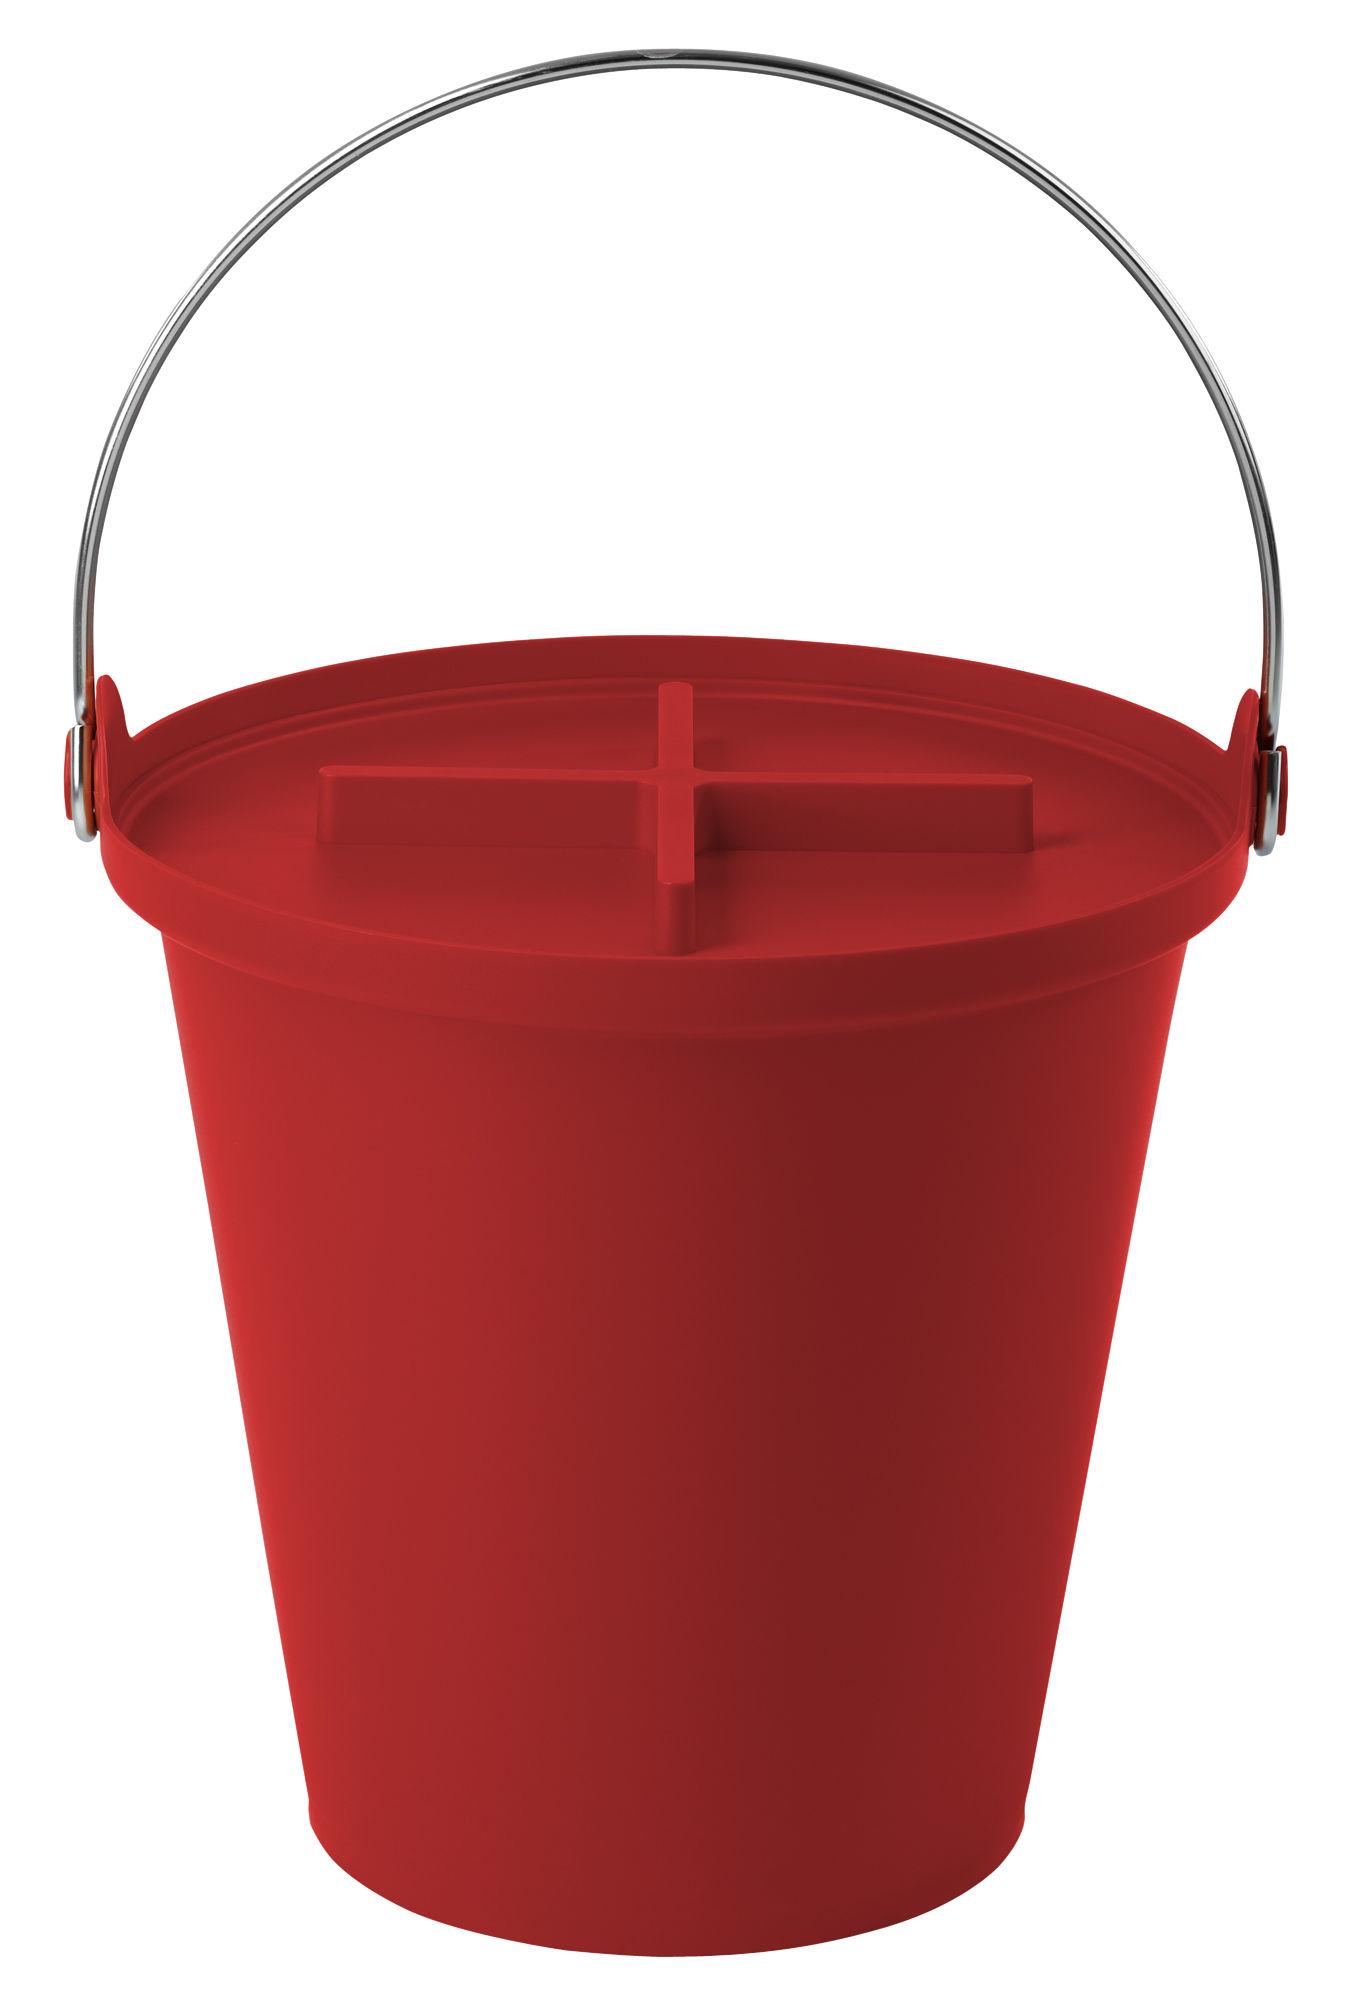 Déco - Salle de bains - Poubelle H2O / Seau - 13 Litres - Authentics - Rouge - Métal, Polypropylène